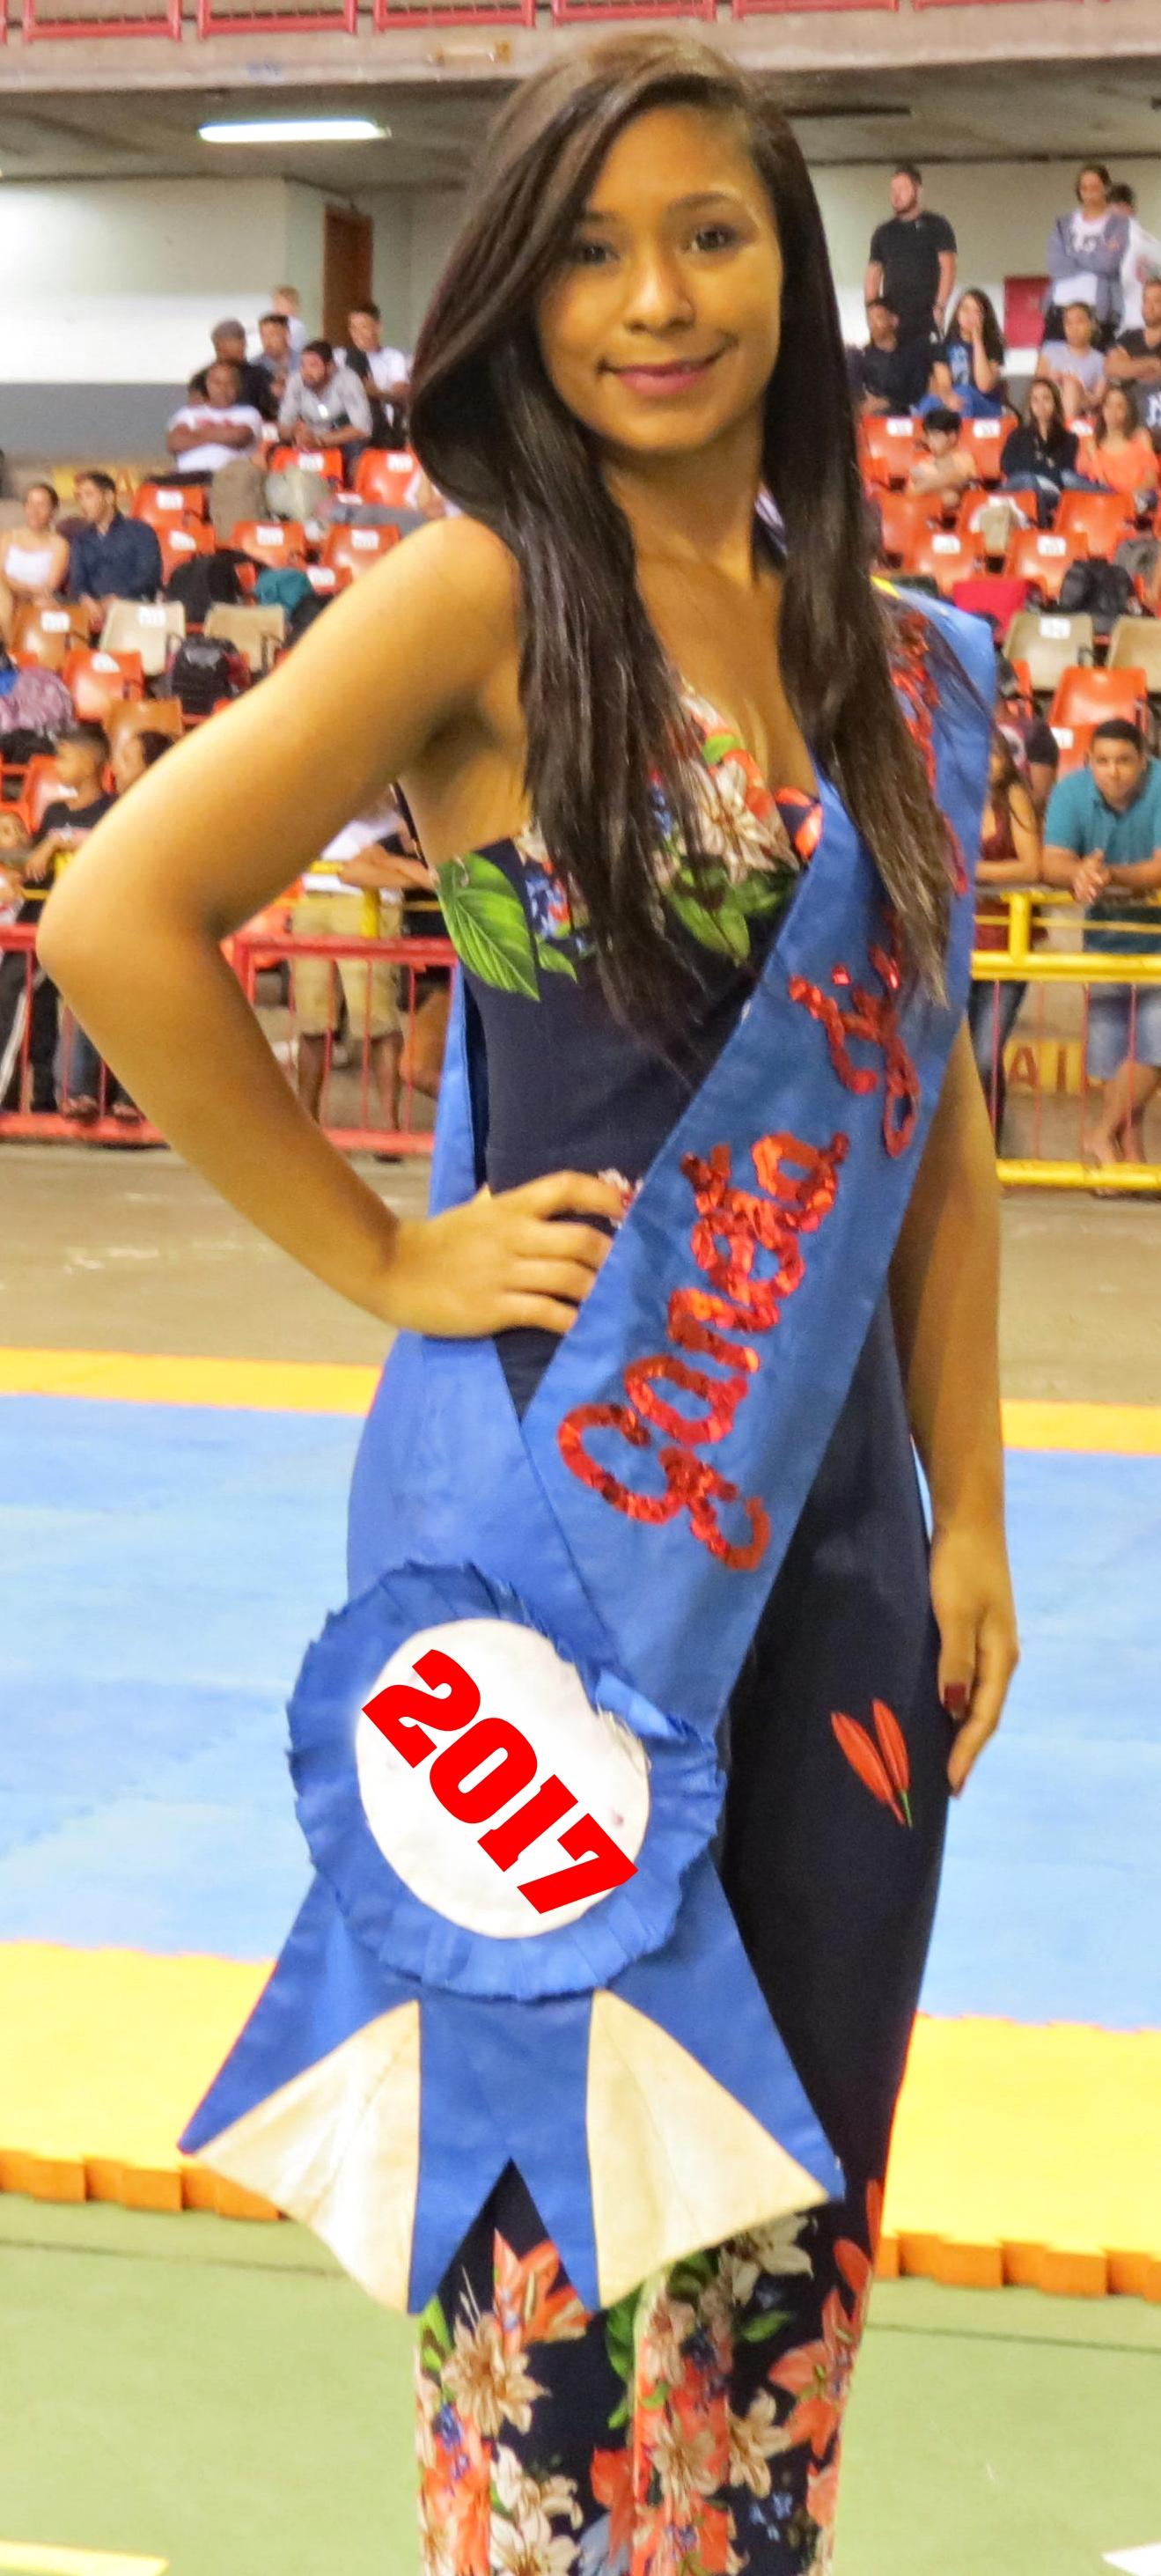 GAROTA JIU-JITSU 20172018